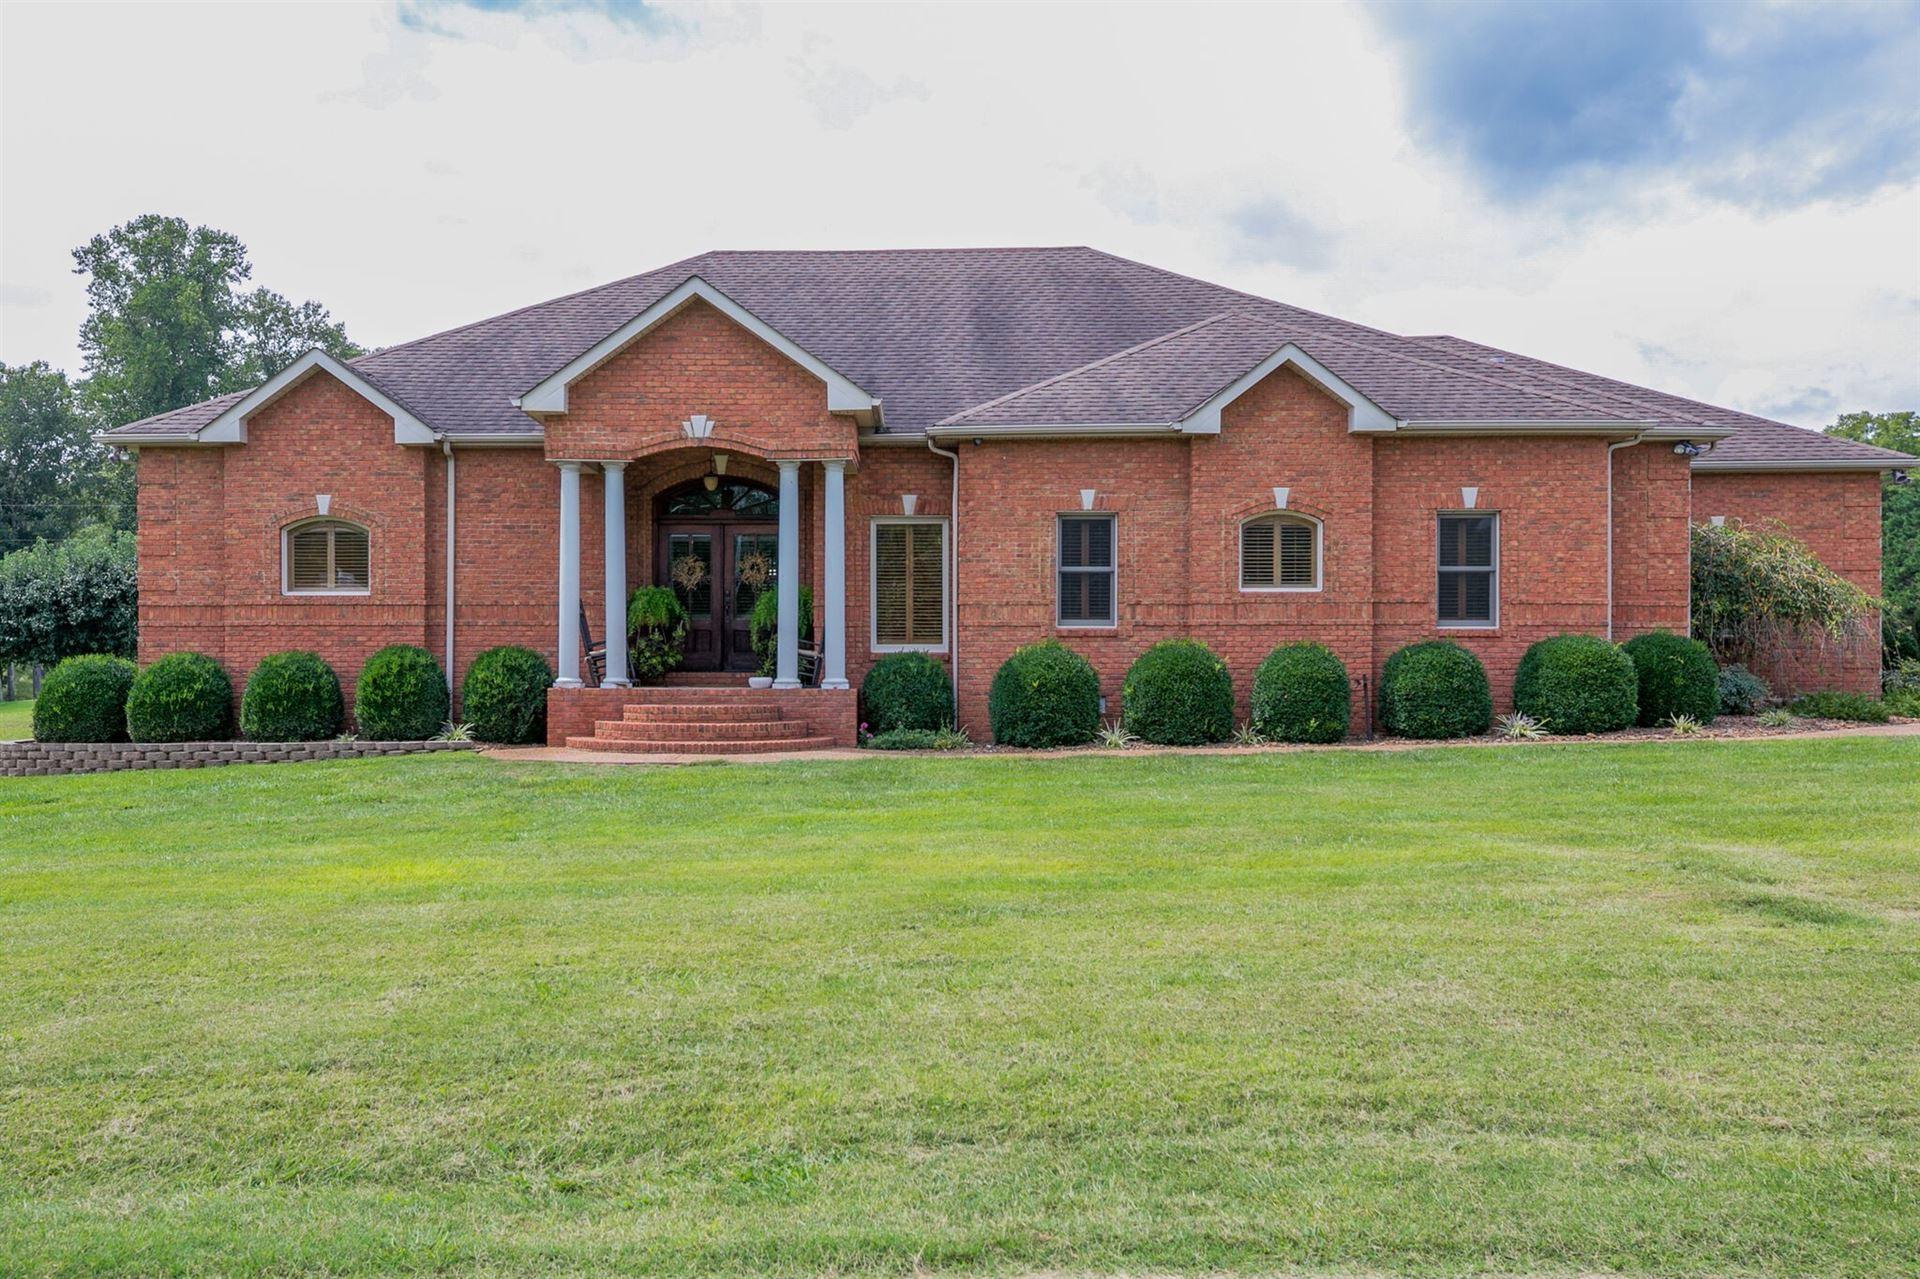 1275 Heather Way, Estill Springs, TN 37330 - MLS#: 2194826